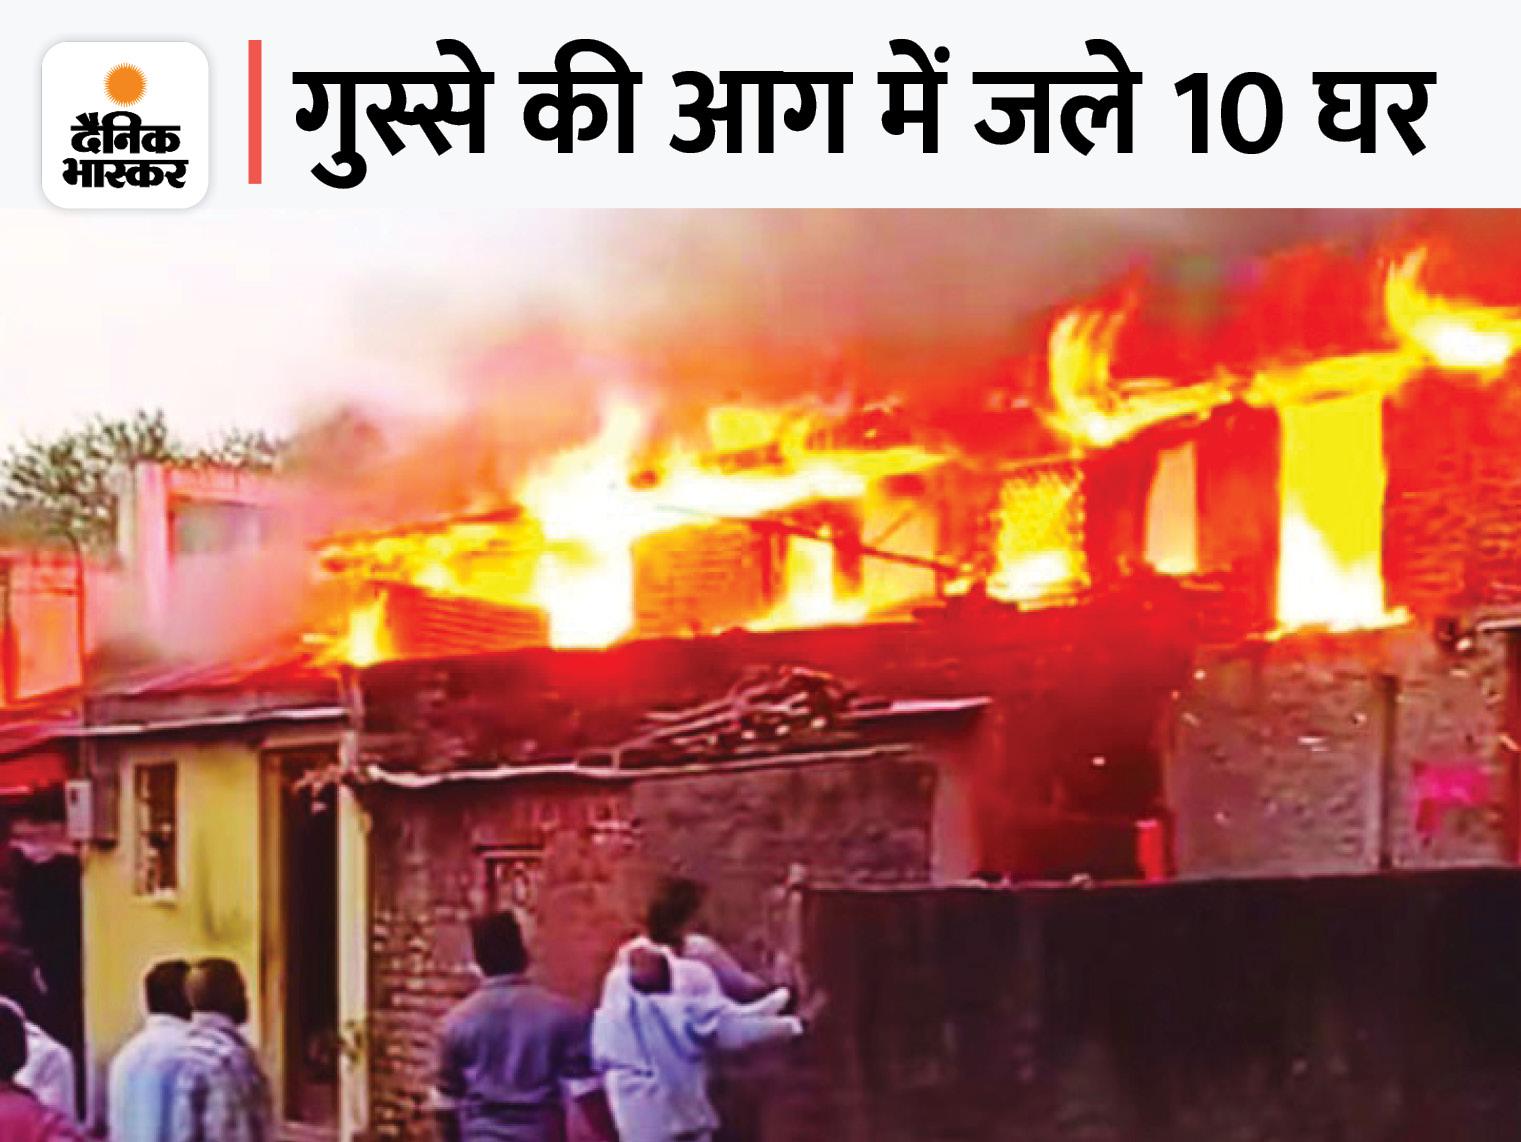 महाराष्ट्र में पत्नी से झगड़े के बाद पति ने घर में आग लगाई, पड़ोस के 10 घर भी जल गए|महाराष्ट्र,Maharashtra - Dainik Bhaskar